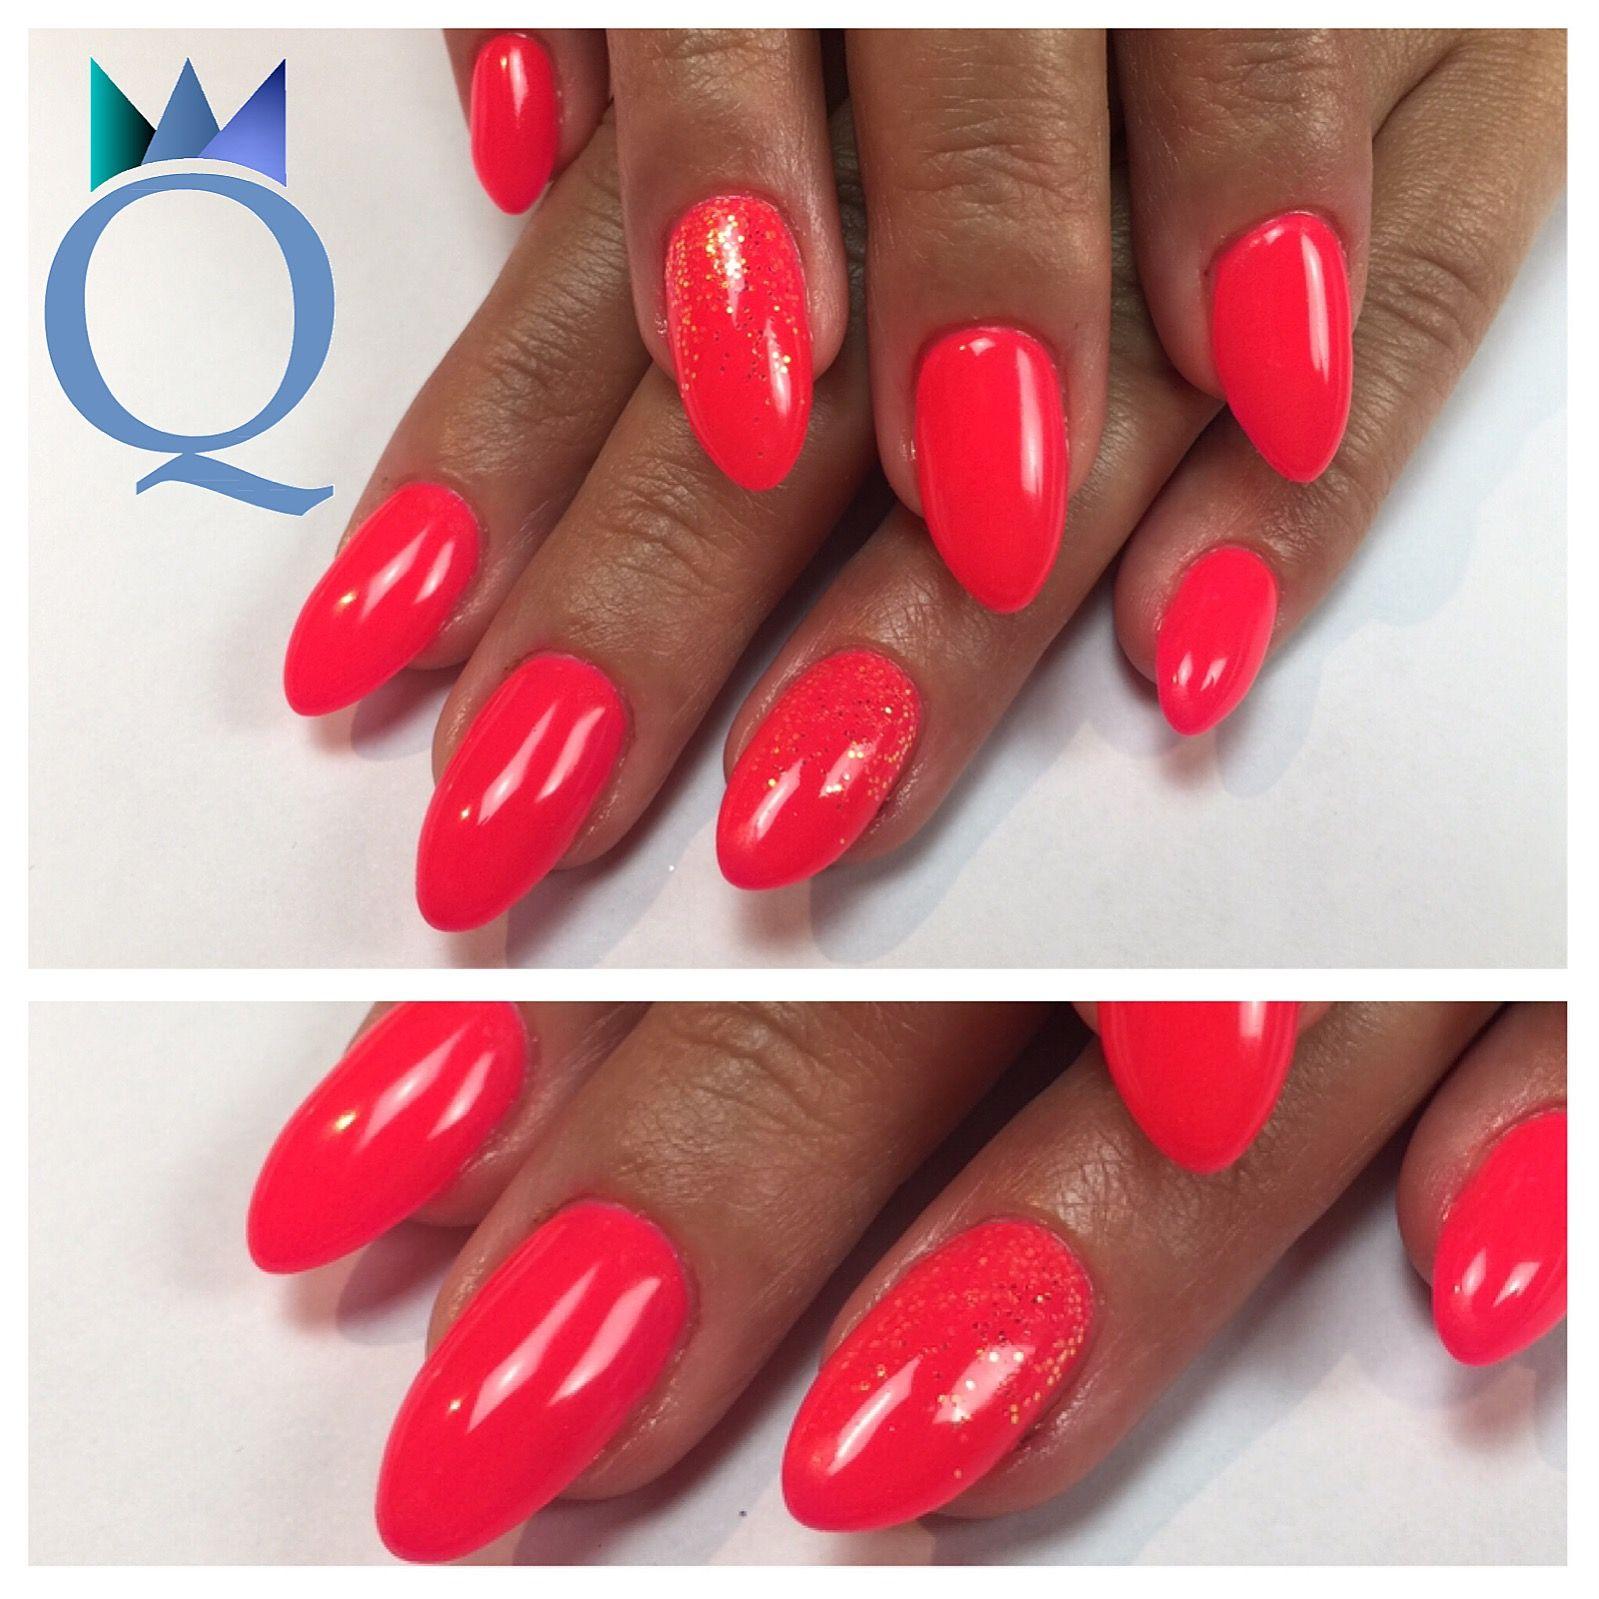 almondnails #gelnails #nails #neoncoral #neonpink #glitter ...